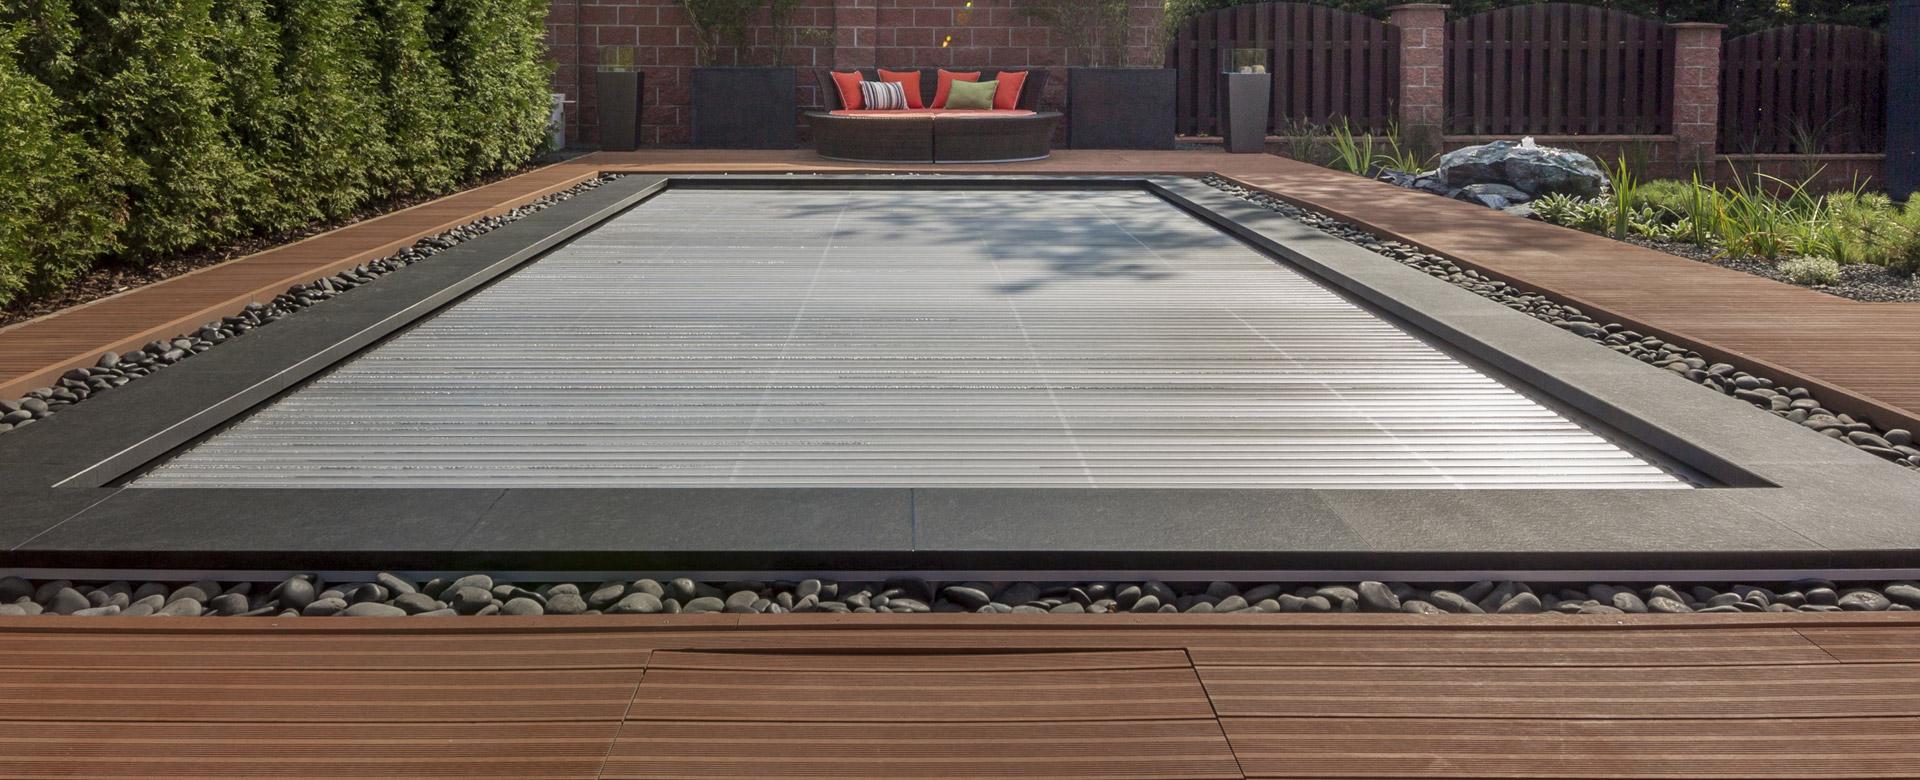 Home aquacover couvertures volets de s curit for Couverture de securite piscine